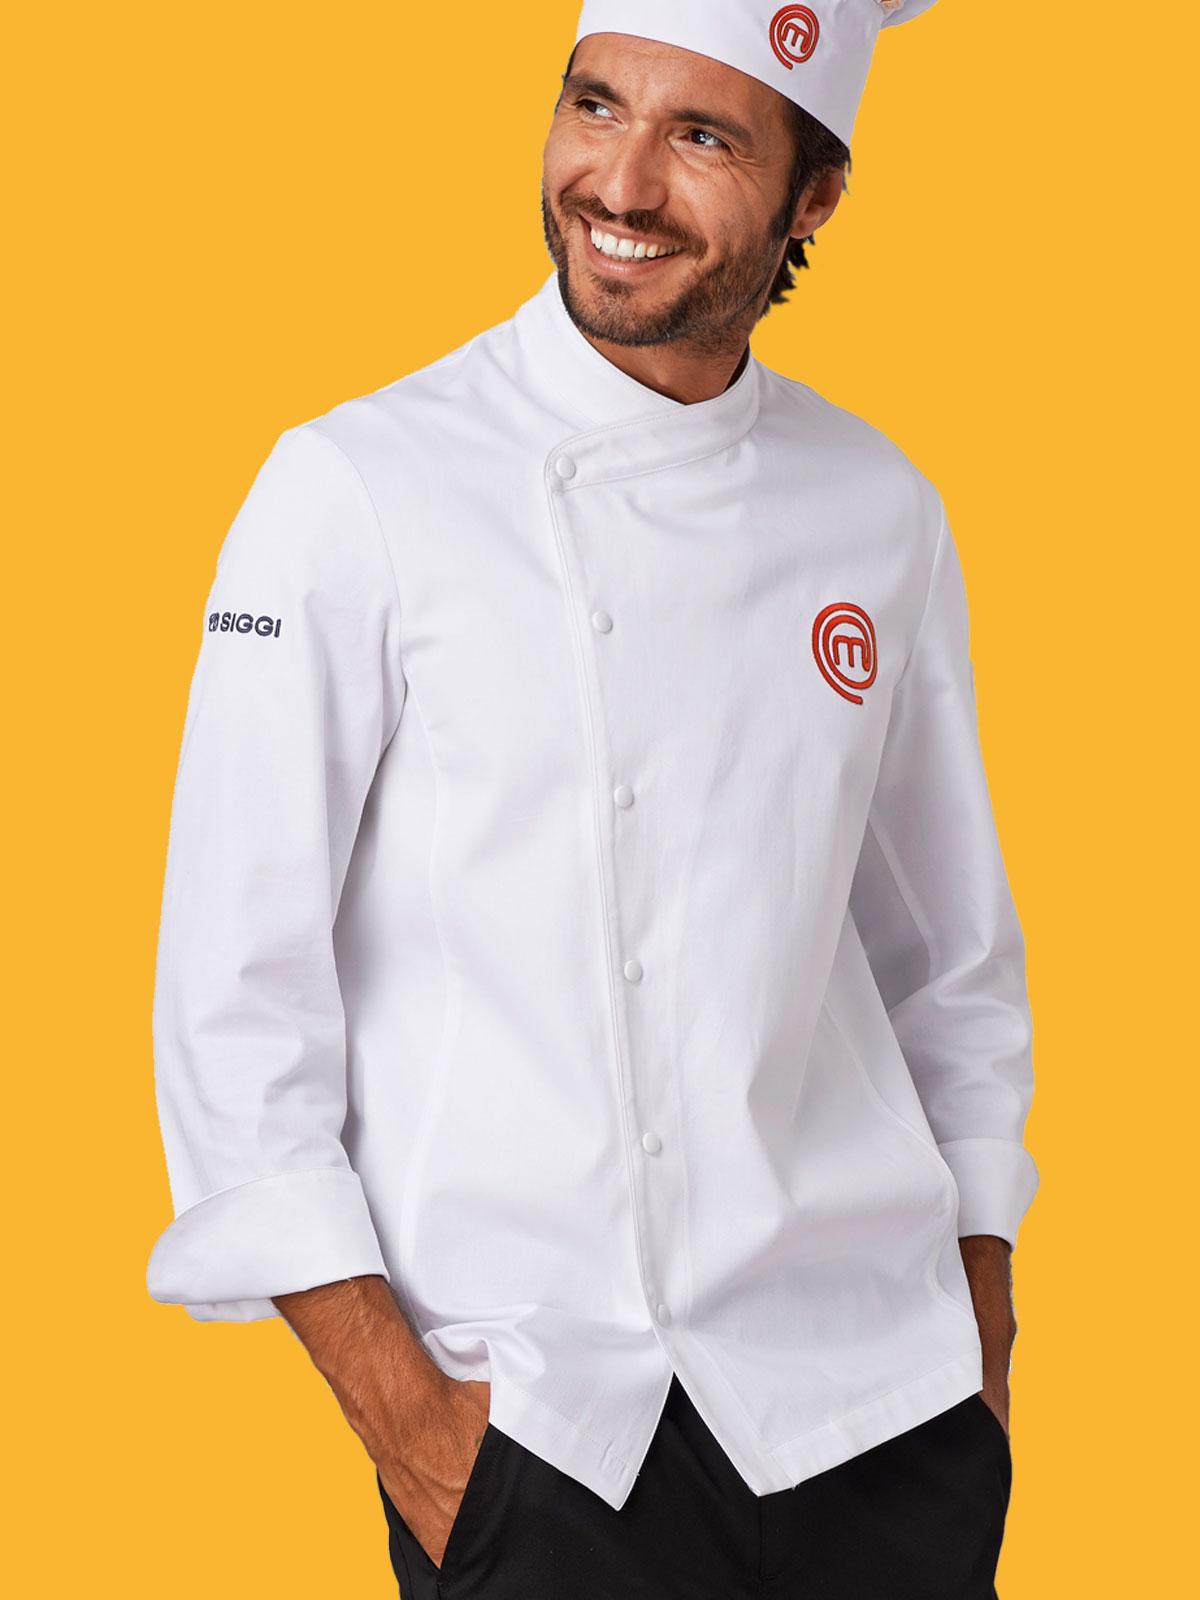 Giacca cuoco masterchef siggi personalizzabili da lavoro prezzi e offerte - Abbigliamento da cucina ...